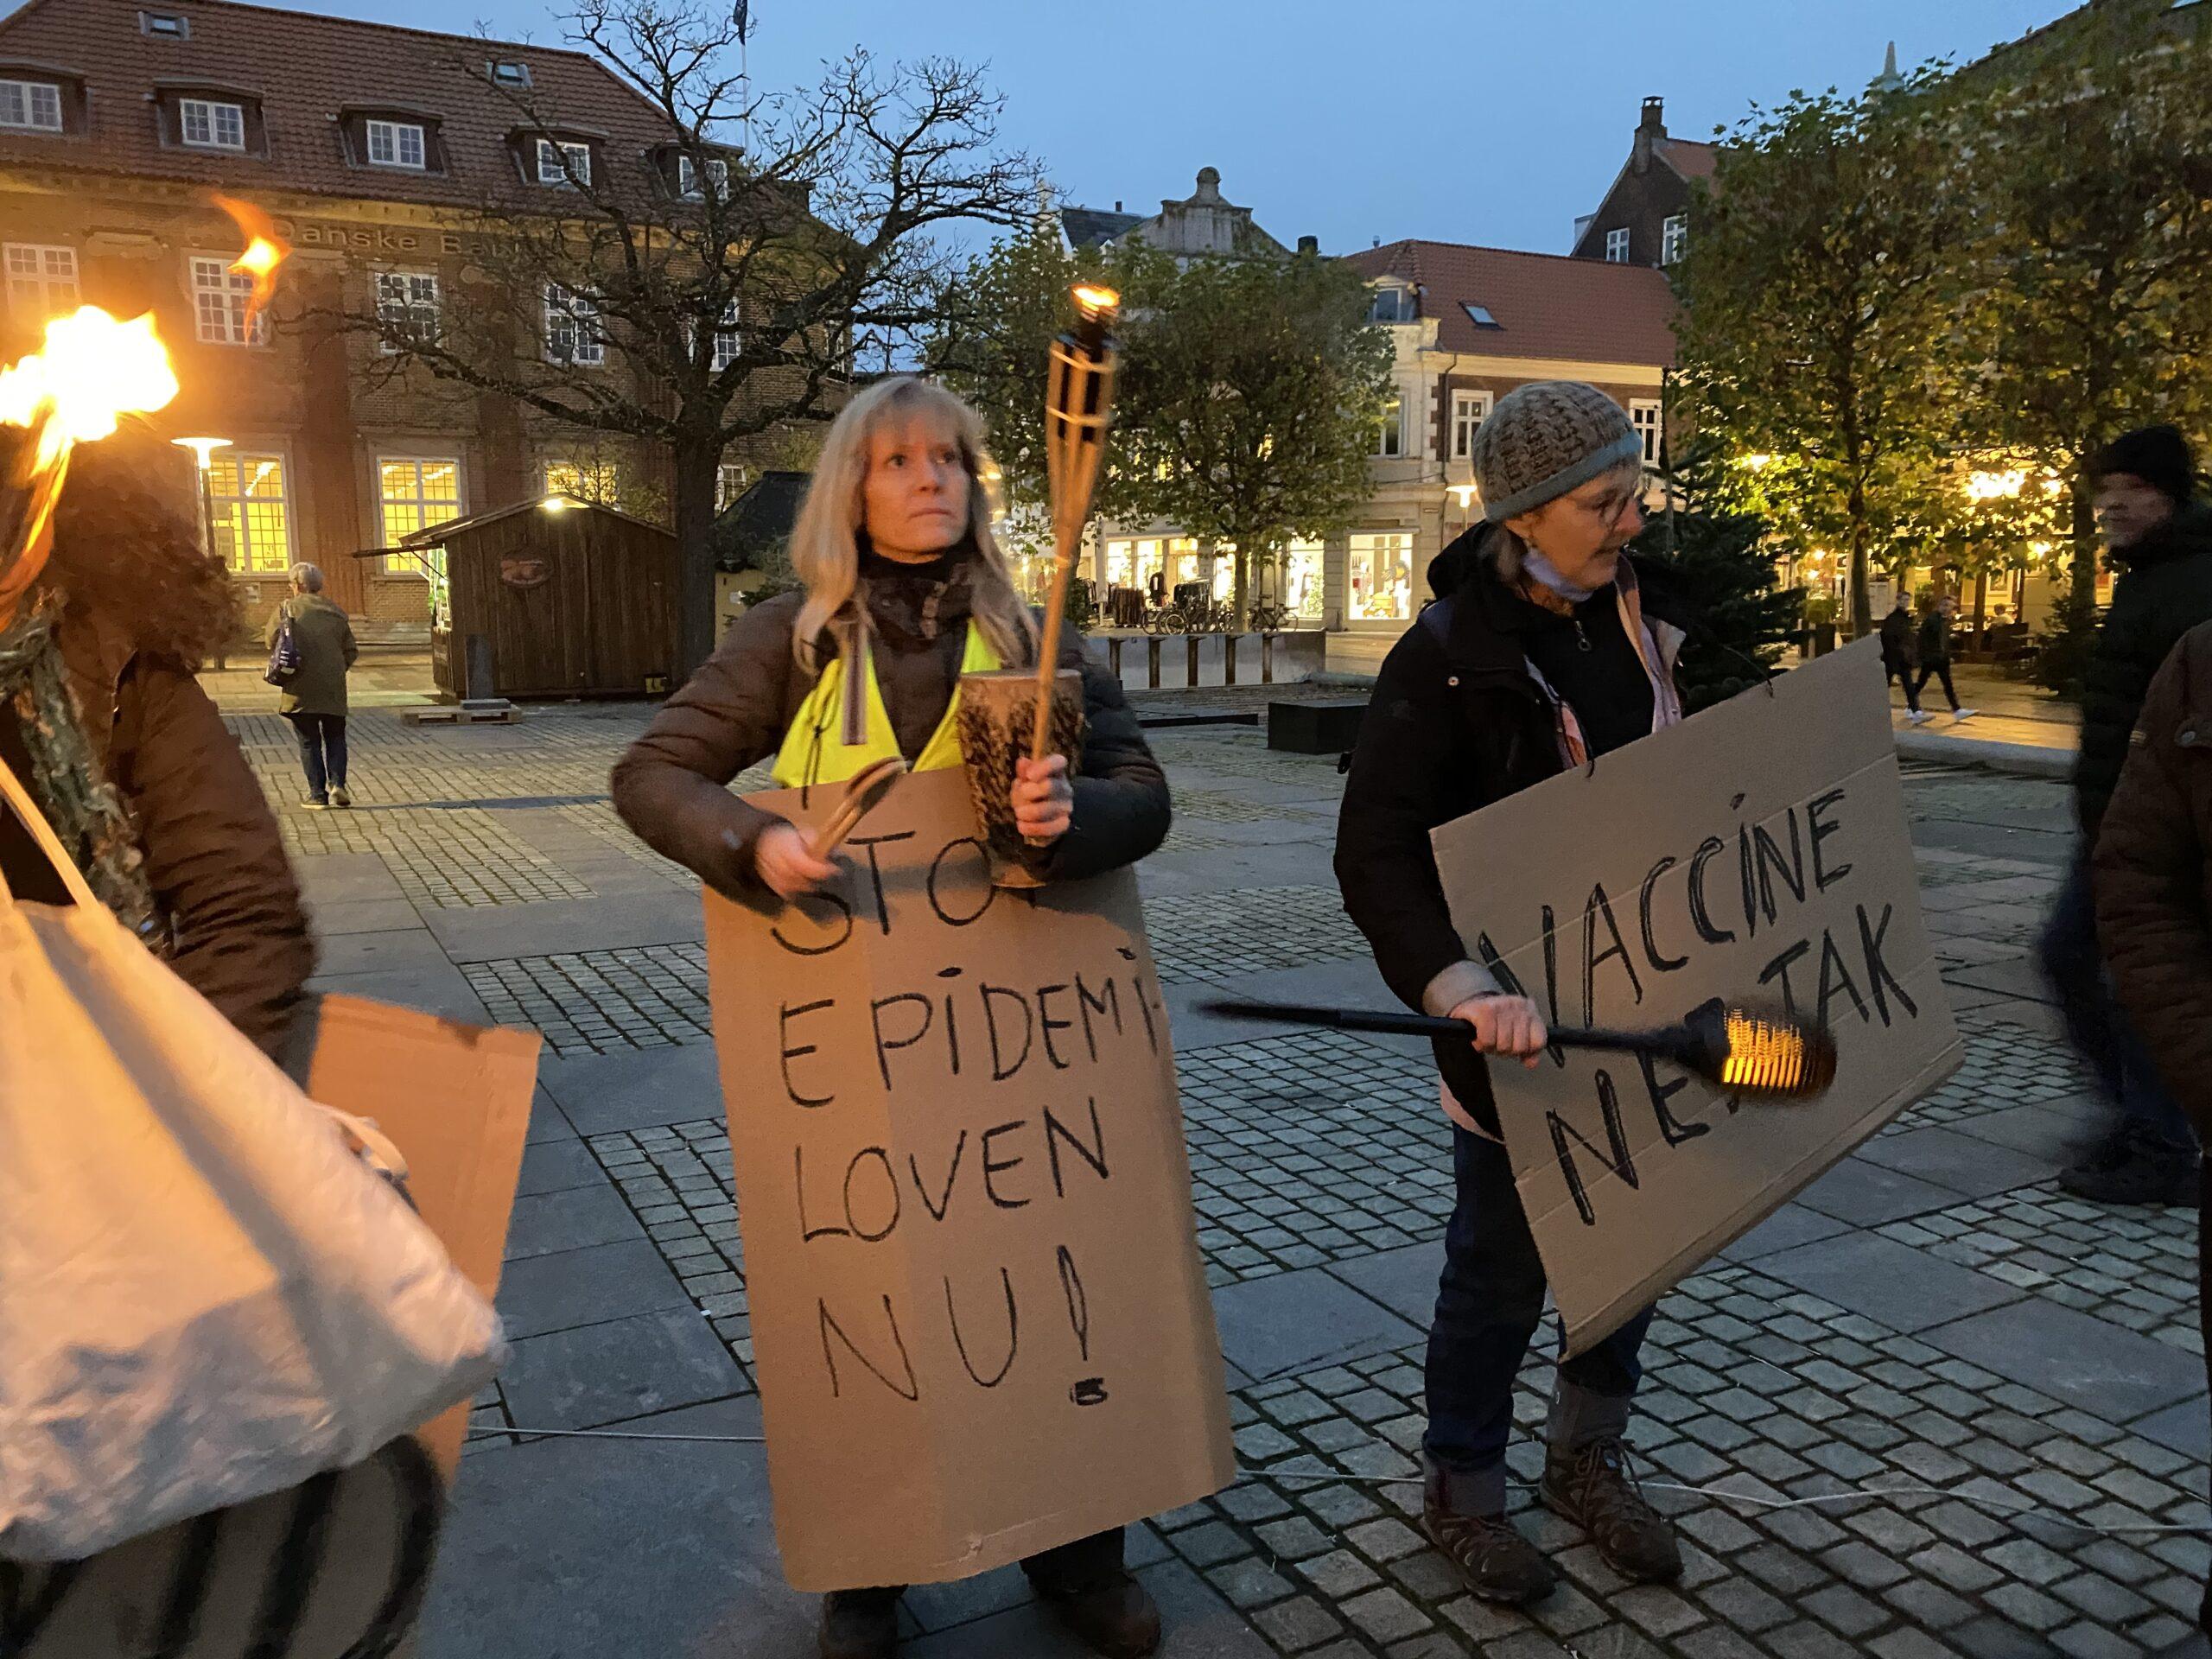 Demonstration på Rådhuspladsen: Støtte til minkavlerne og skepsis mod epidemiloven